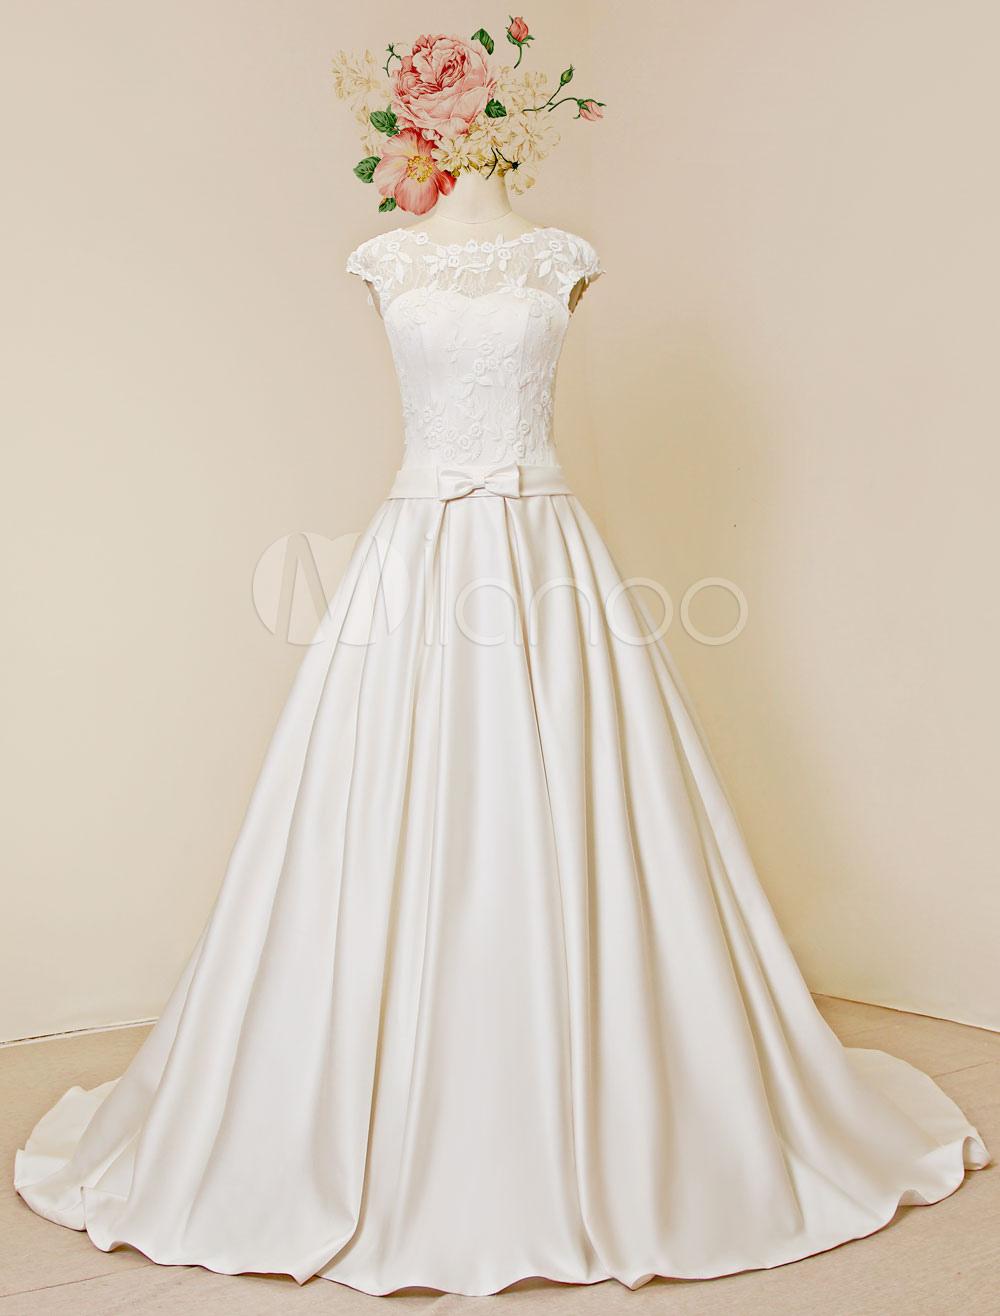 Spitze Hochzeitskleid Luxus offene hintere Kappe Ärmeln Kapelle Zug ...